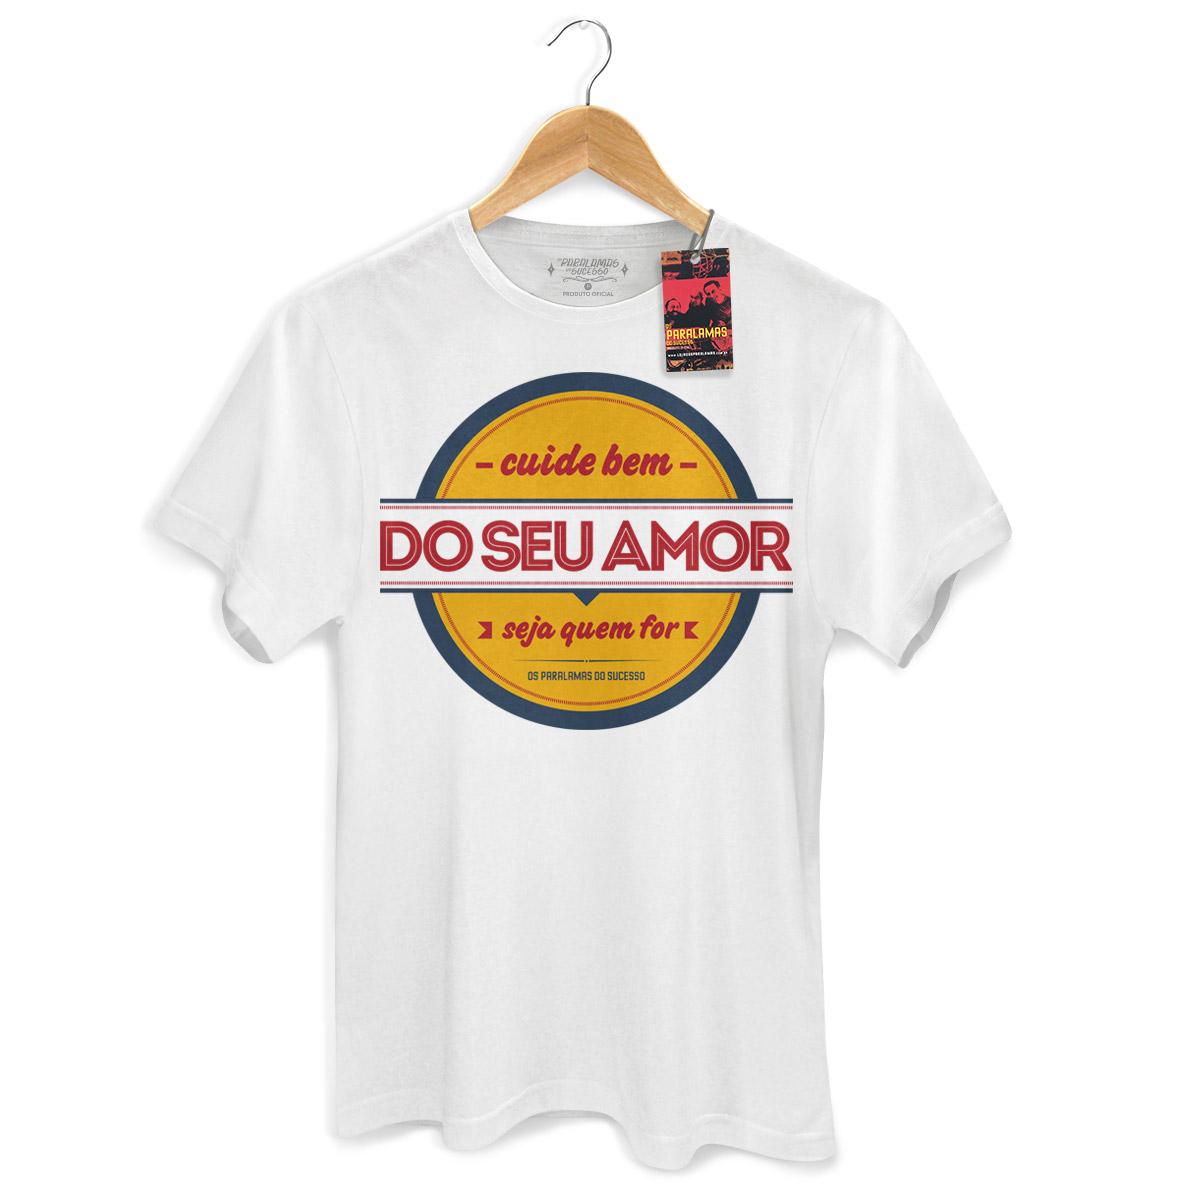 Camiseta Masculina Os Paralamas Do Sucesso Cuide Bem do Seu Amor